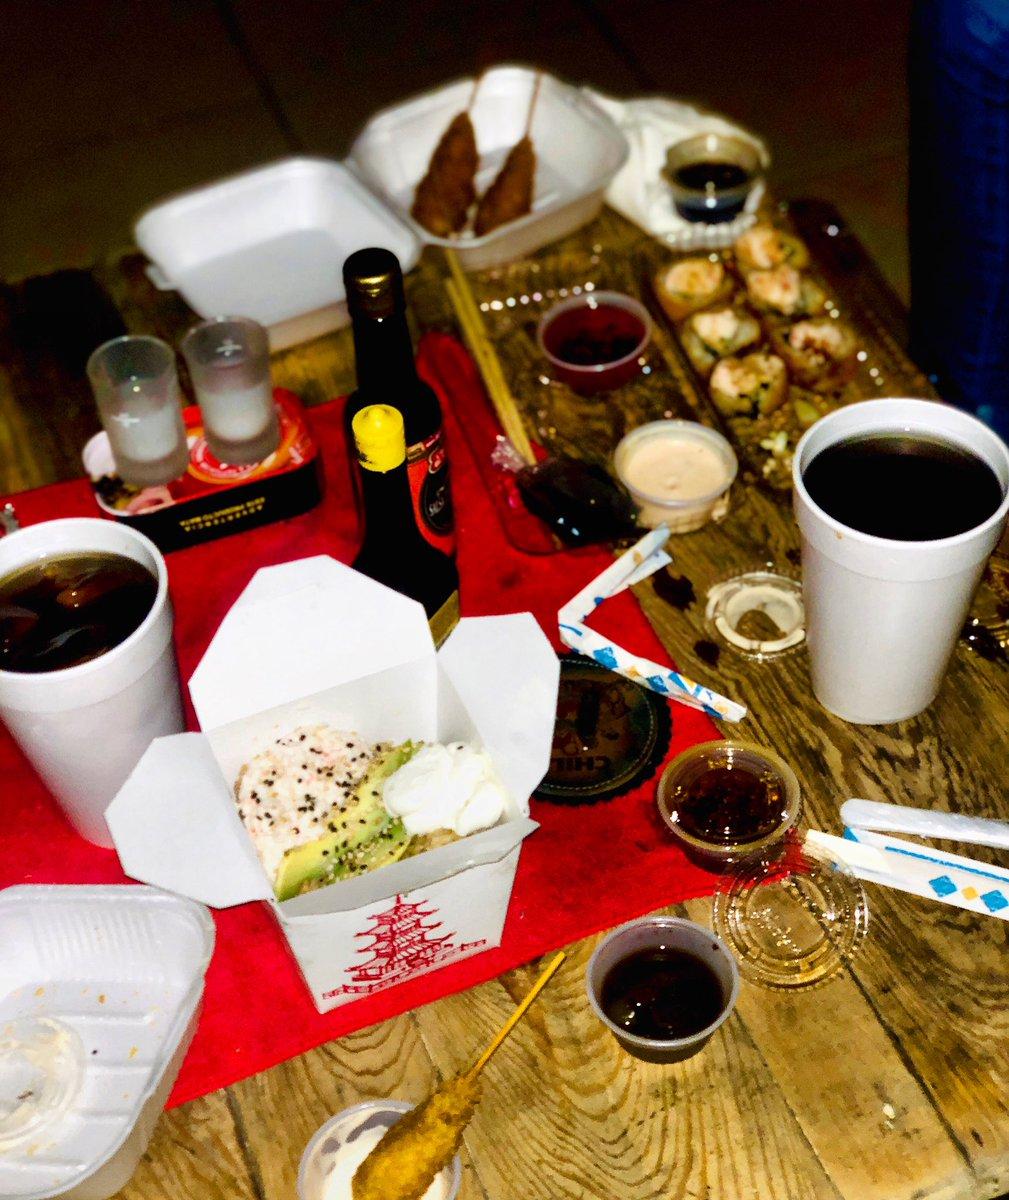 Una Rica Cena En Hong-Kong Con Una Gran Compañía Disfrutando De Este Magnífico Restaurant  #CompartiendoSonrisas #Felicidad #Agustirris #CenandoRico #CenaRomantica #SiMeLaRifo